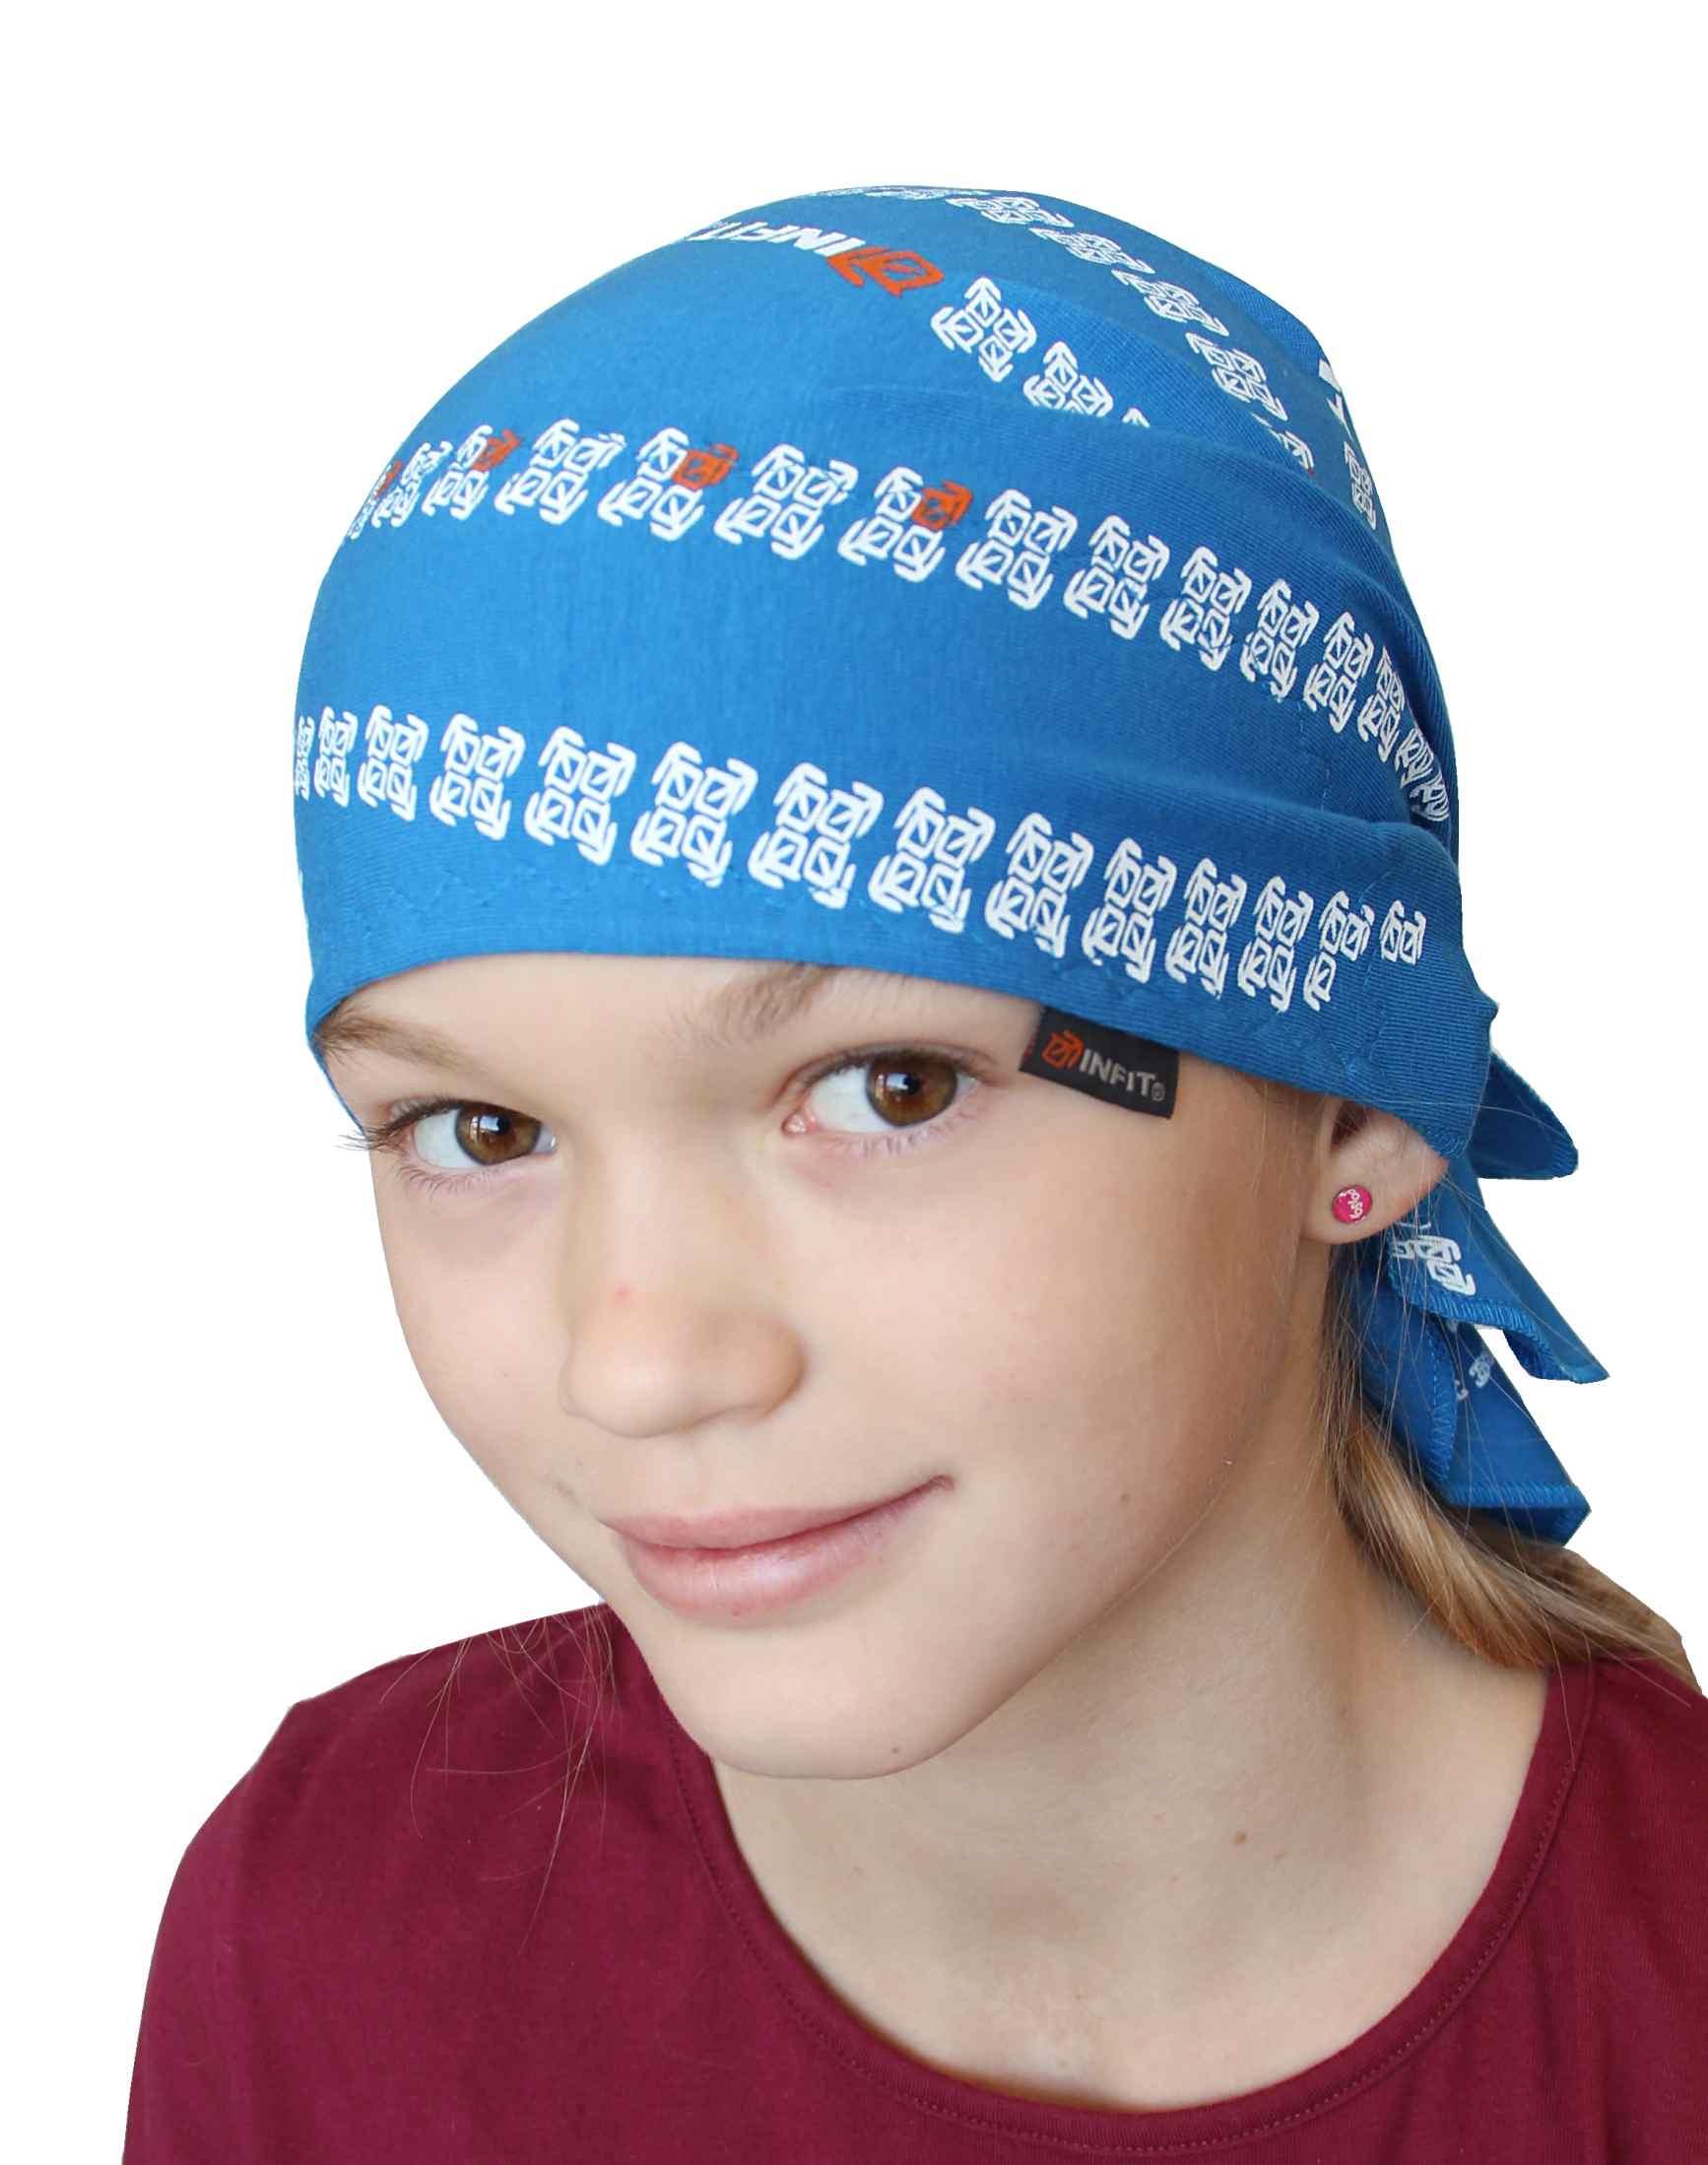 Pirát trojúhelníkový šátek dvouvrstvý světle modrý d702ec9054